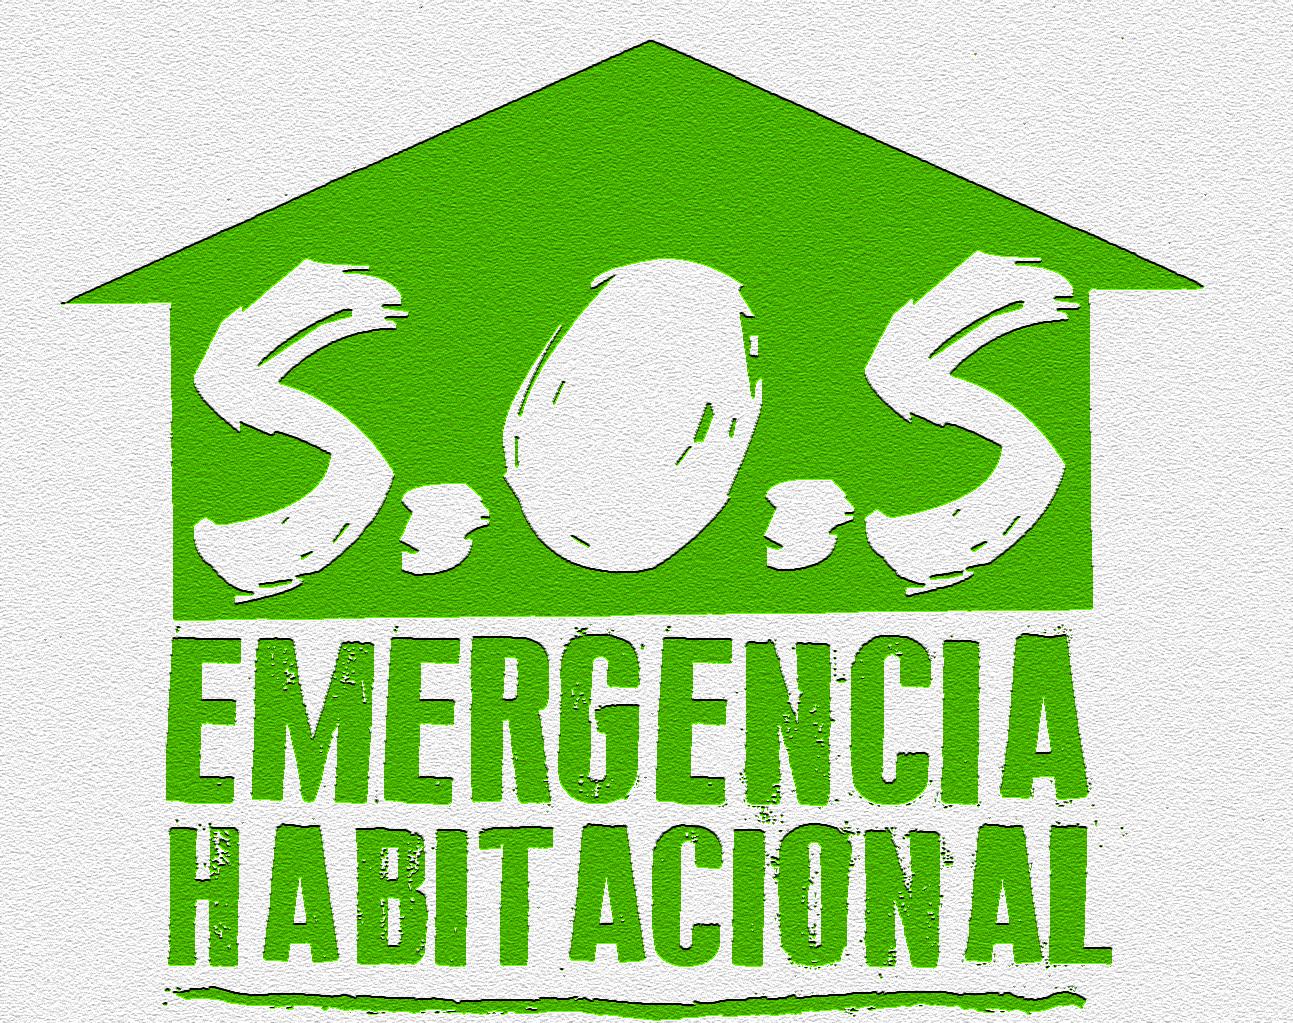 02 sos emergencia habitacional